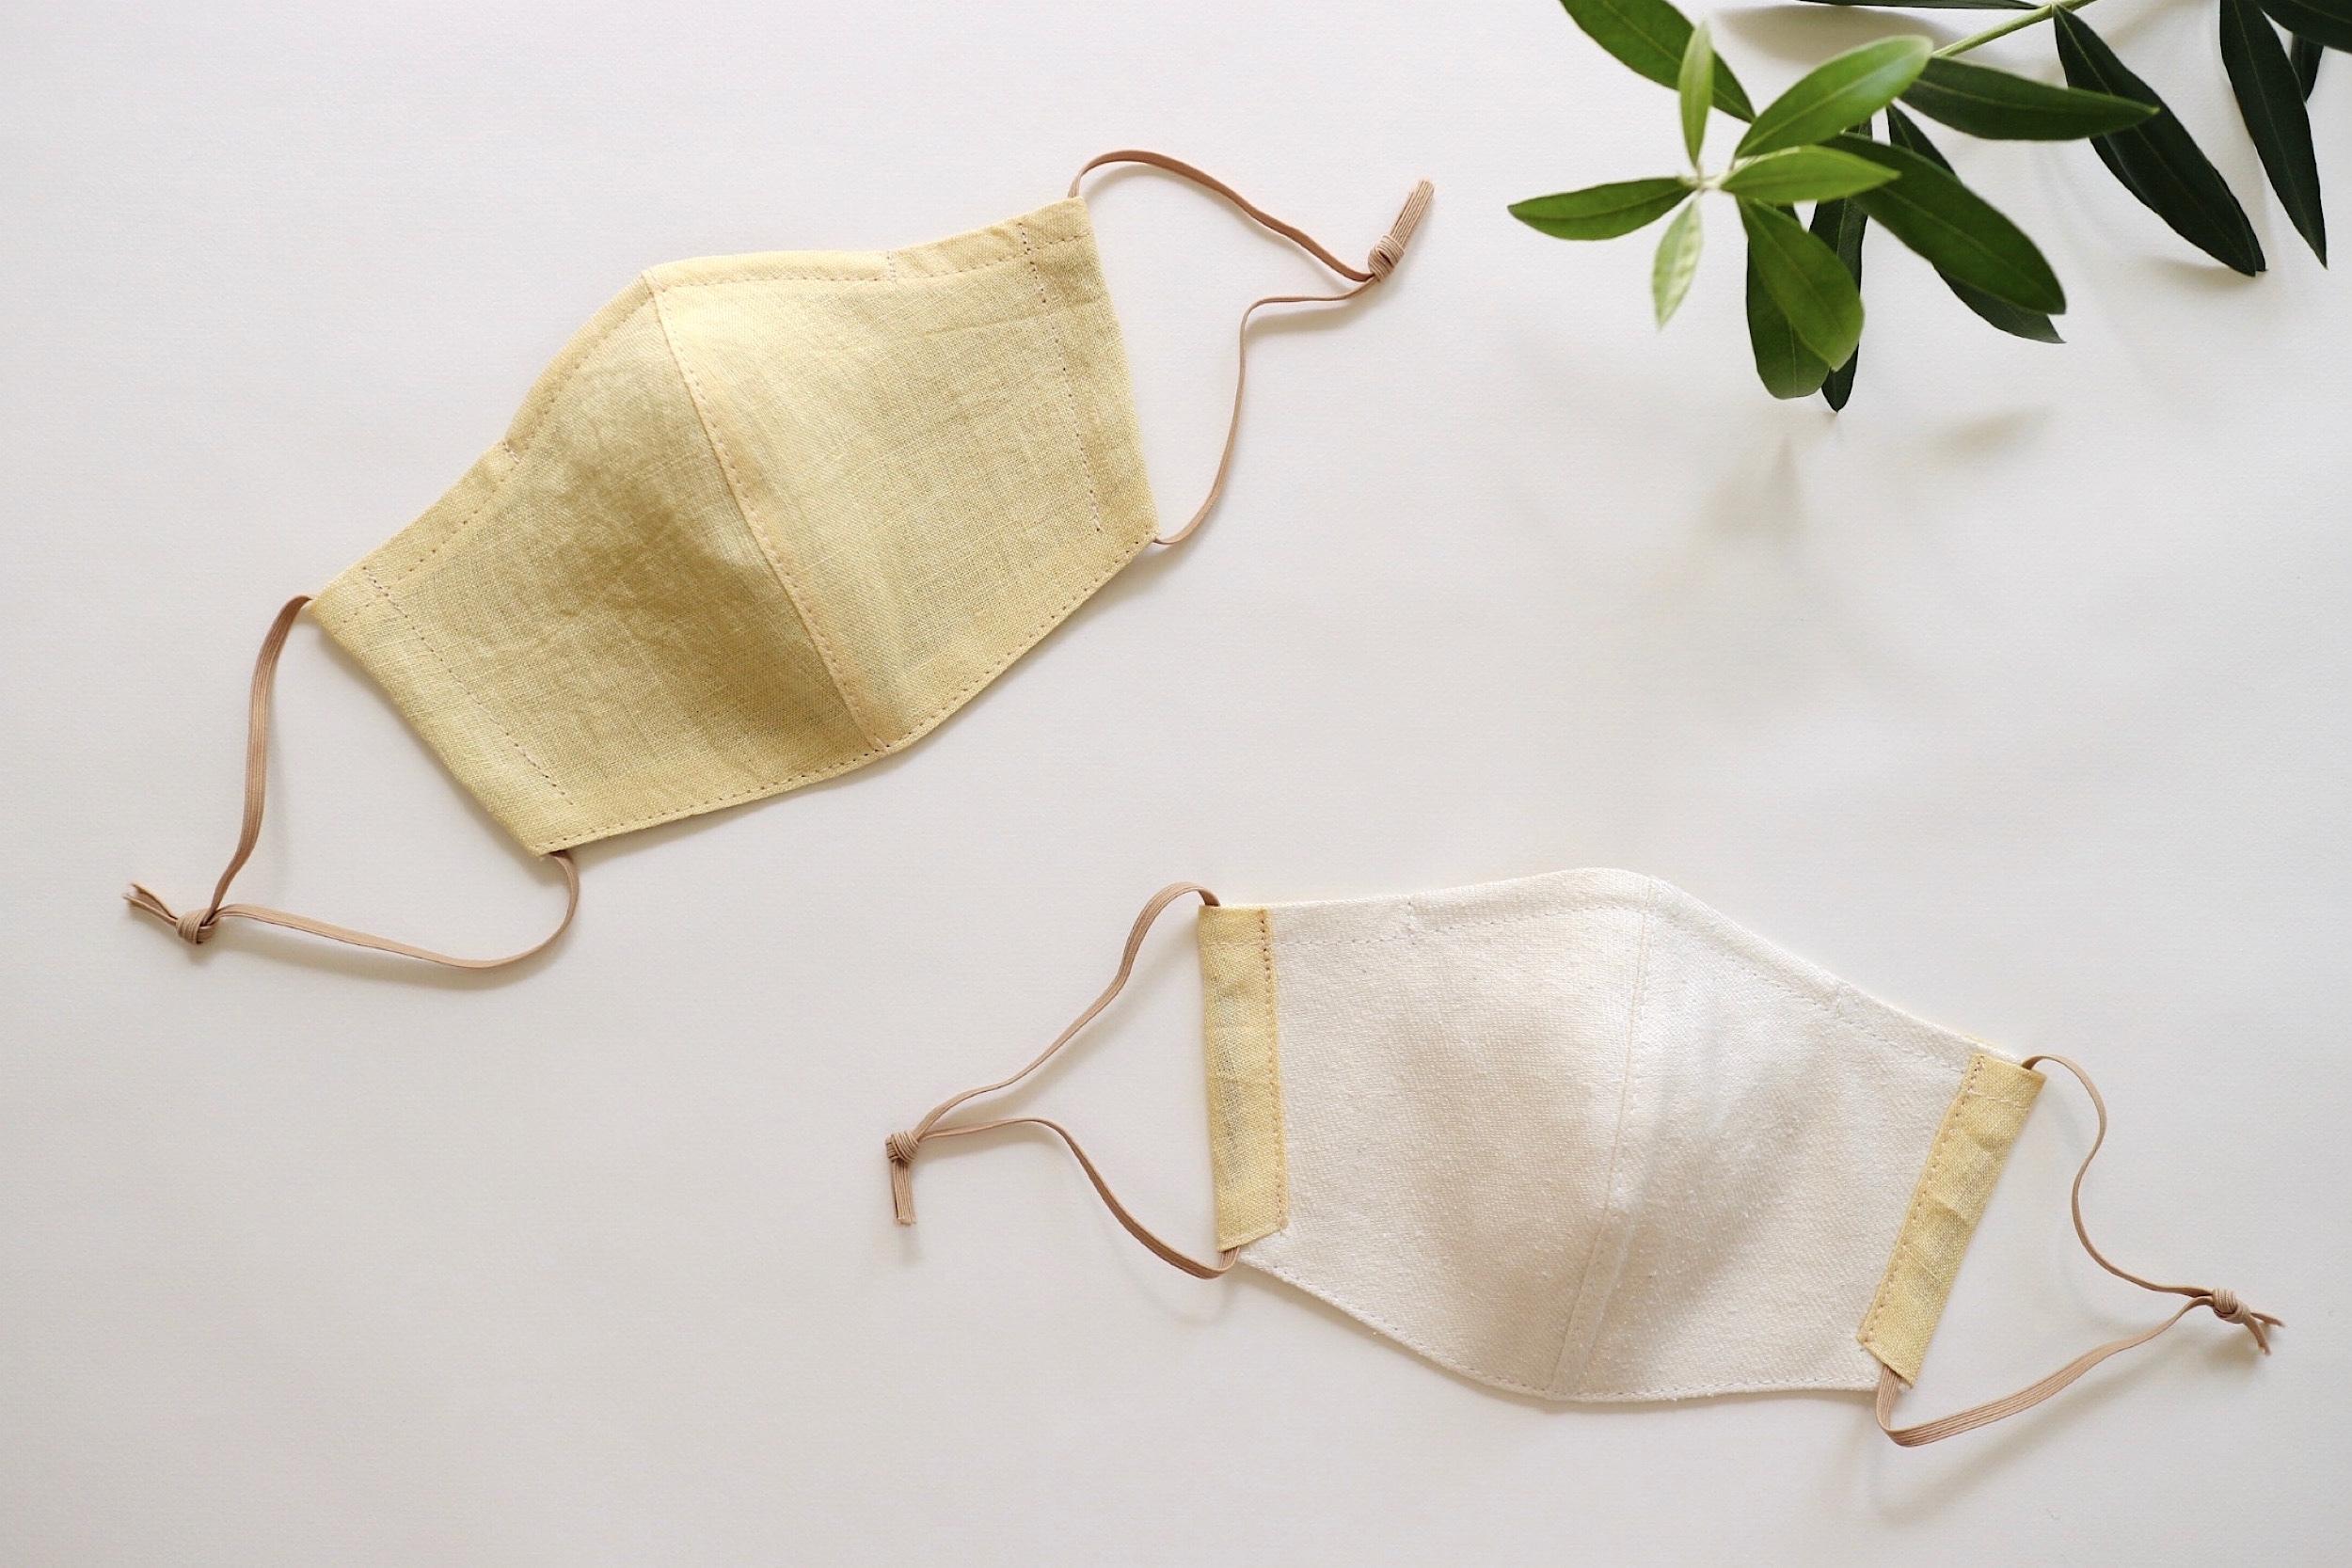 リネンのカラーマスク(リバーシブル) クリームイエロー × シルクリネンオフホワイト 1枚